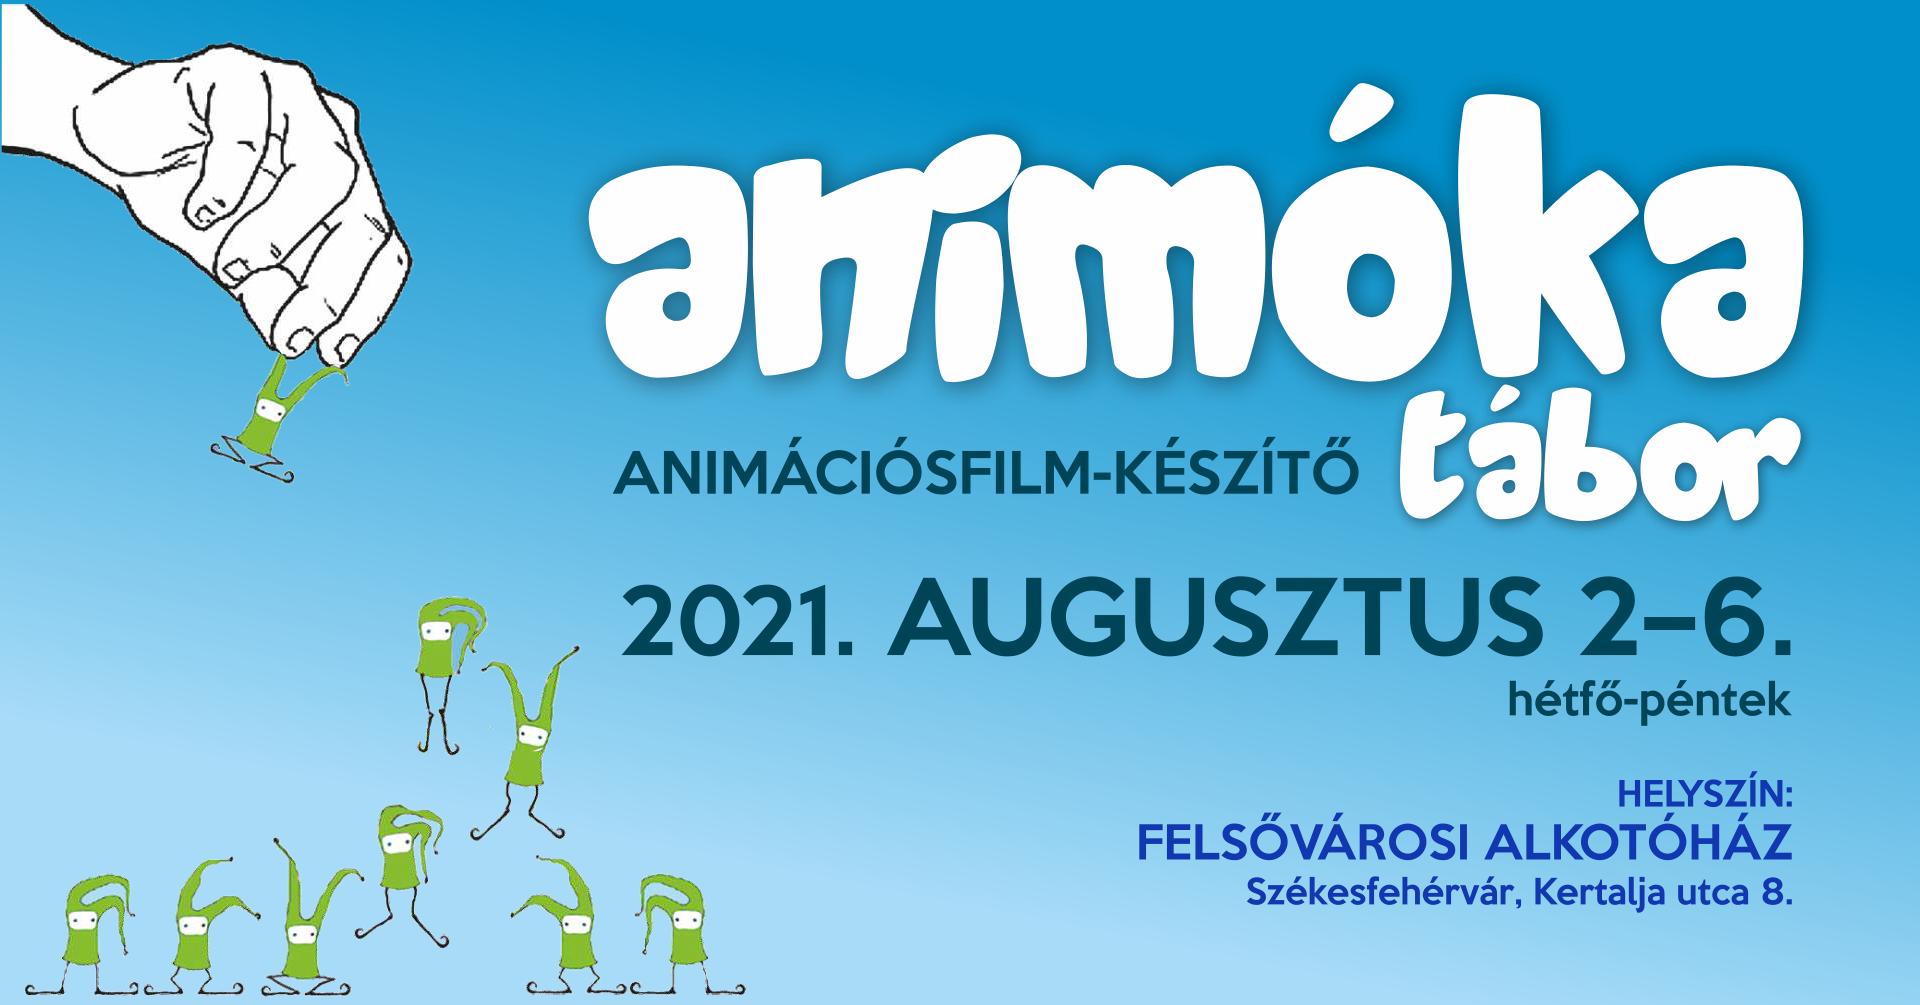 Animóka animációsfilm-készítő tábor @ Felsővárosi Alkotóház